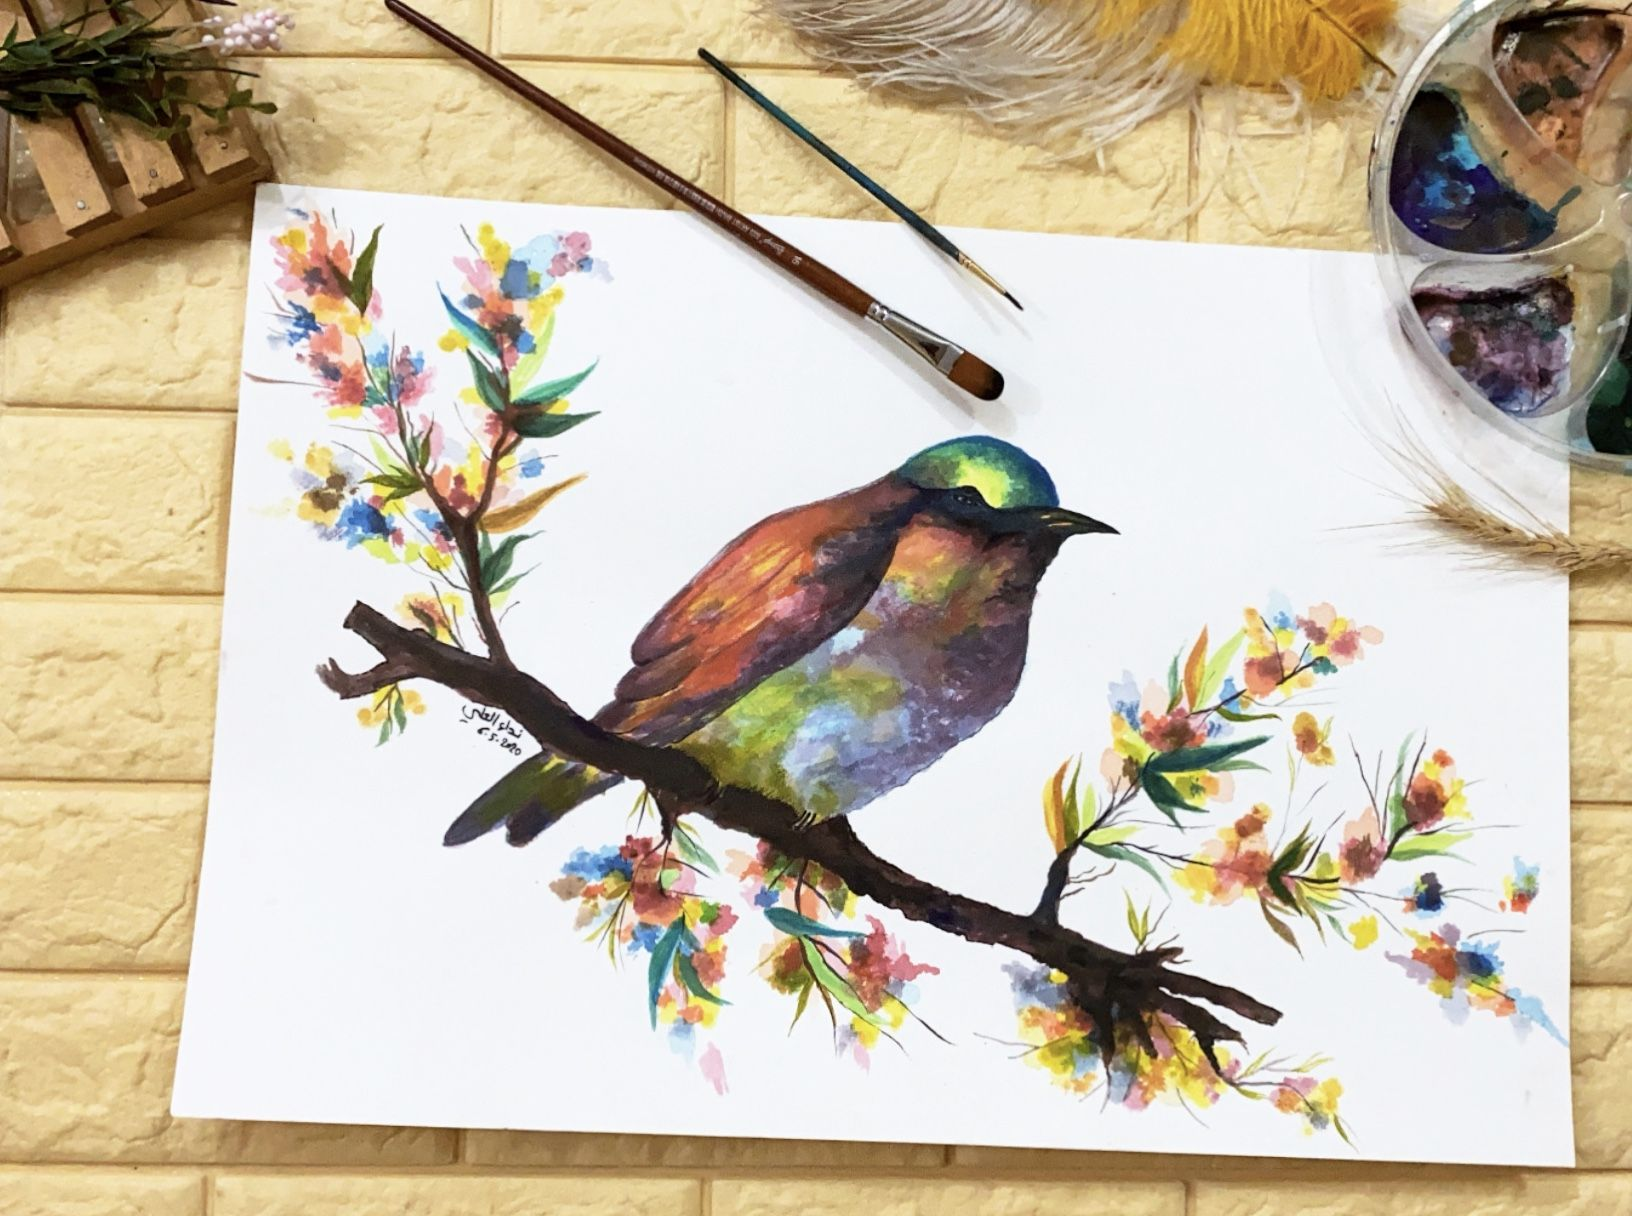 سكيج رسم بالالوان المائية التشكيلية نداء العلي Art Painting